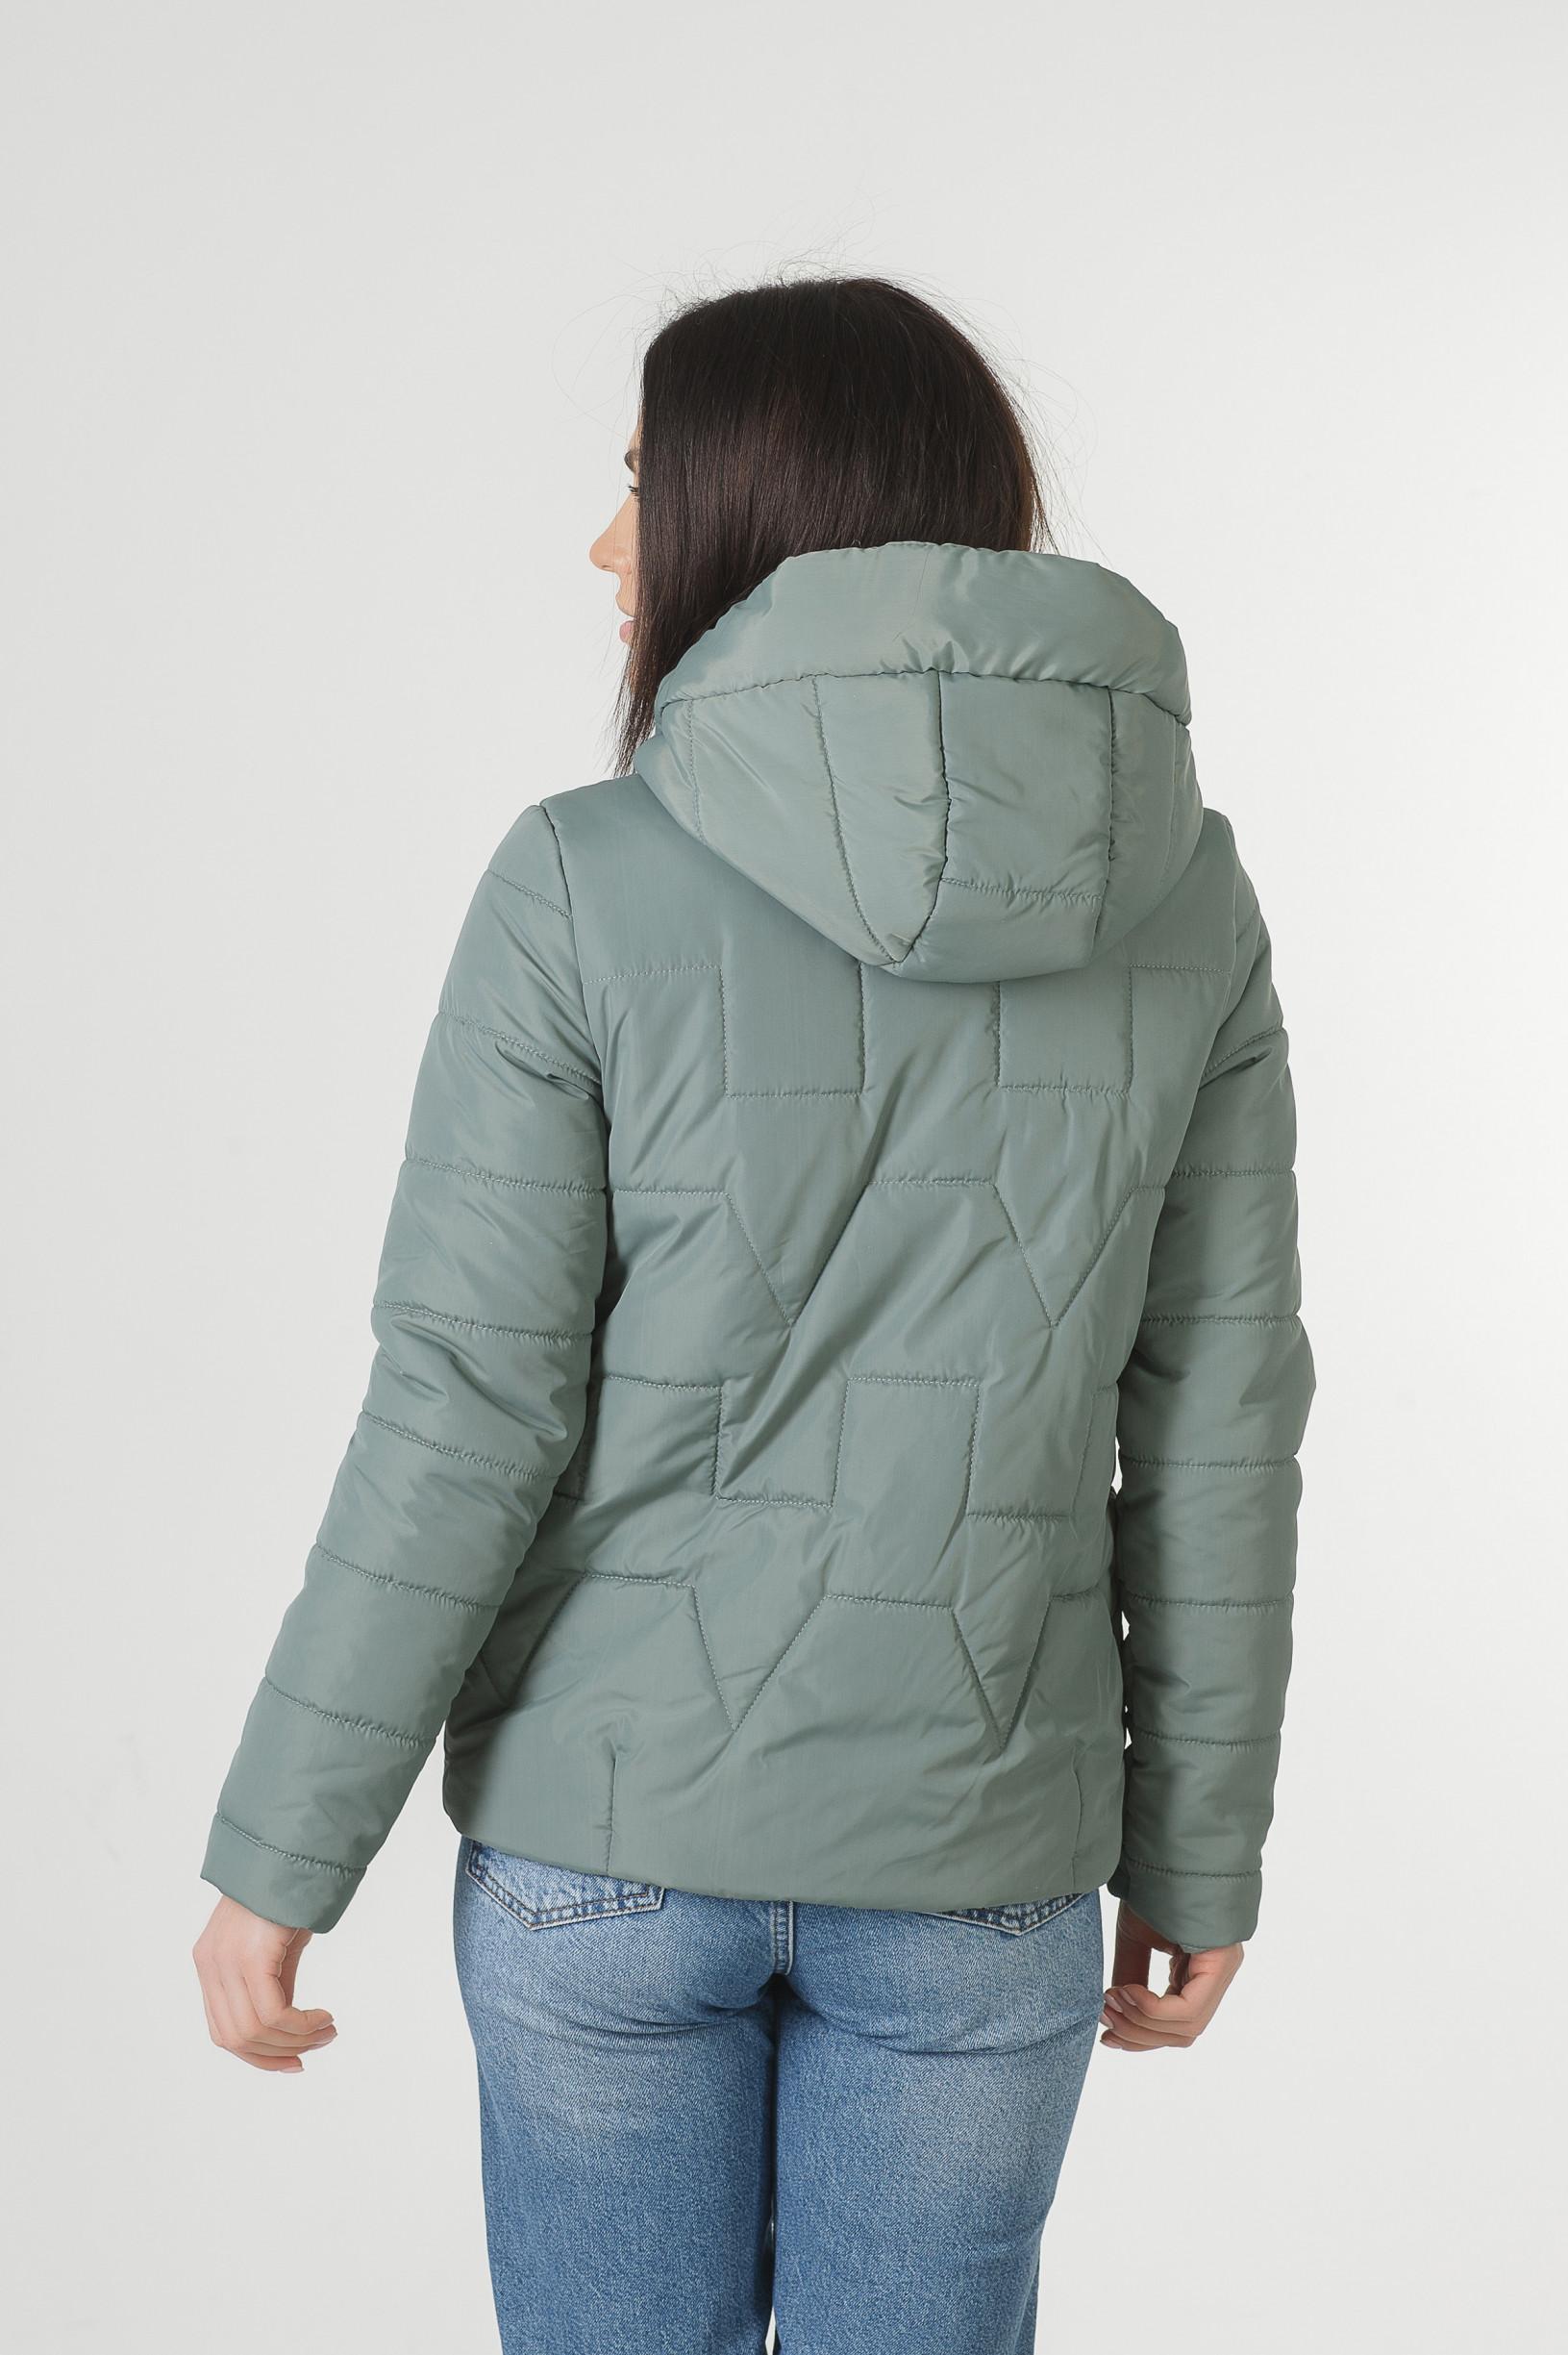 Молодёжная мятная весенняя куртка Дебби